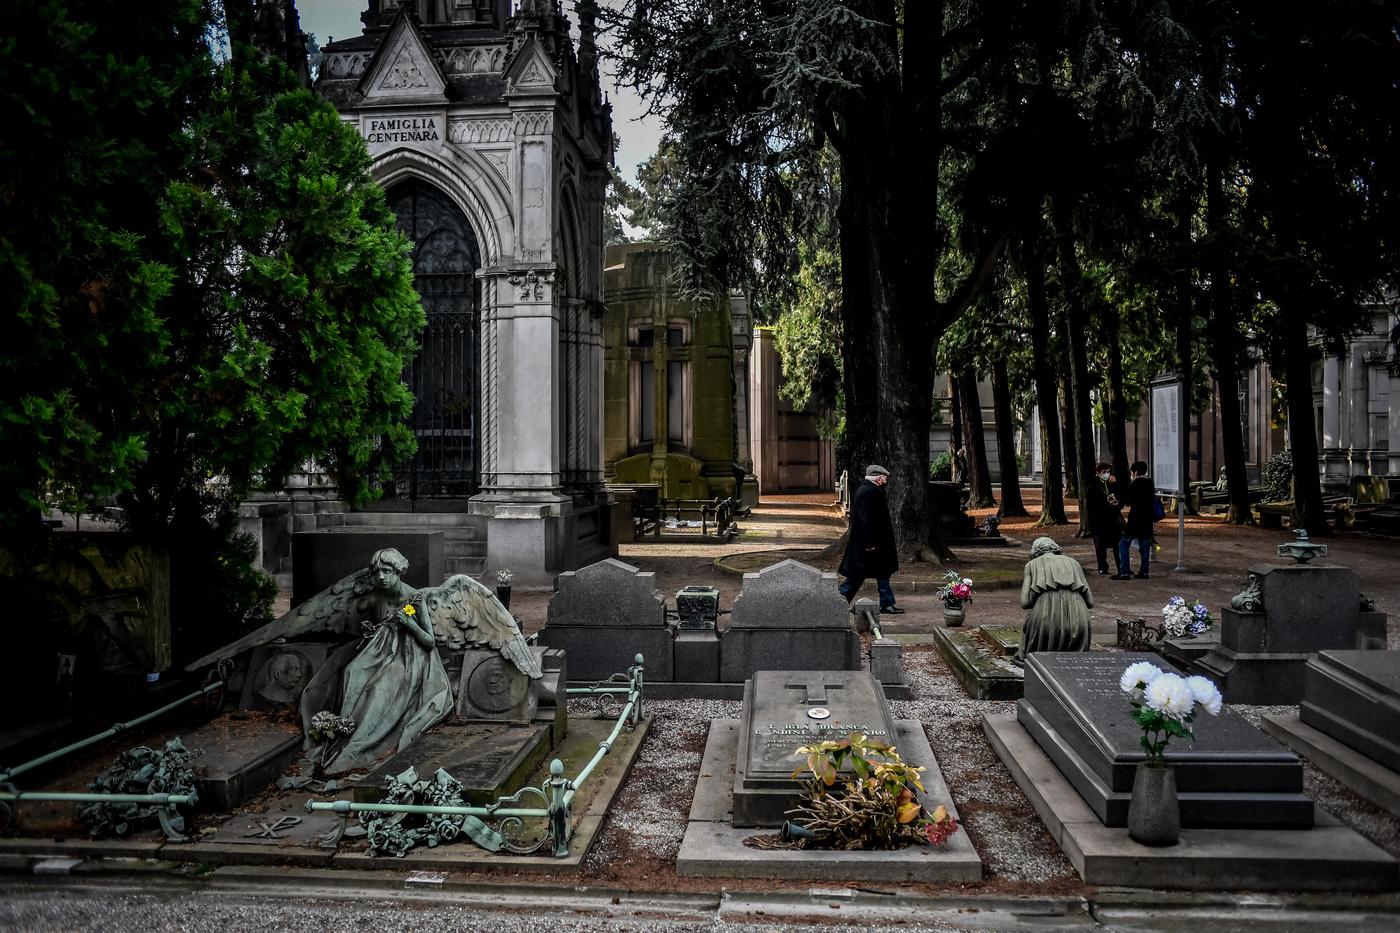 Violentata 15enne al cimitero, condannato il custode 65enne